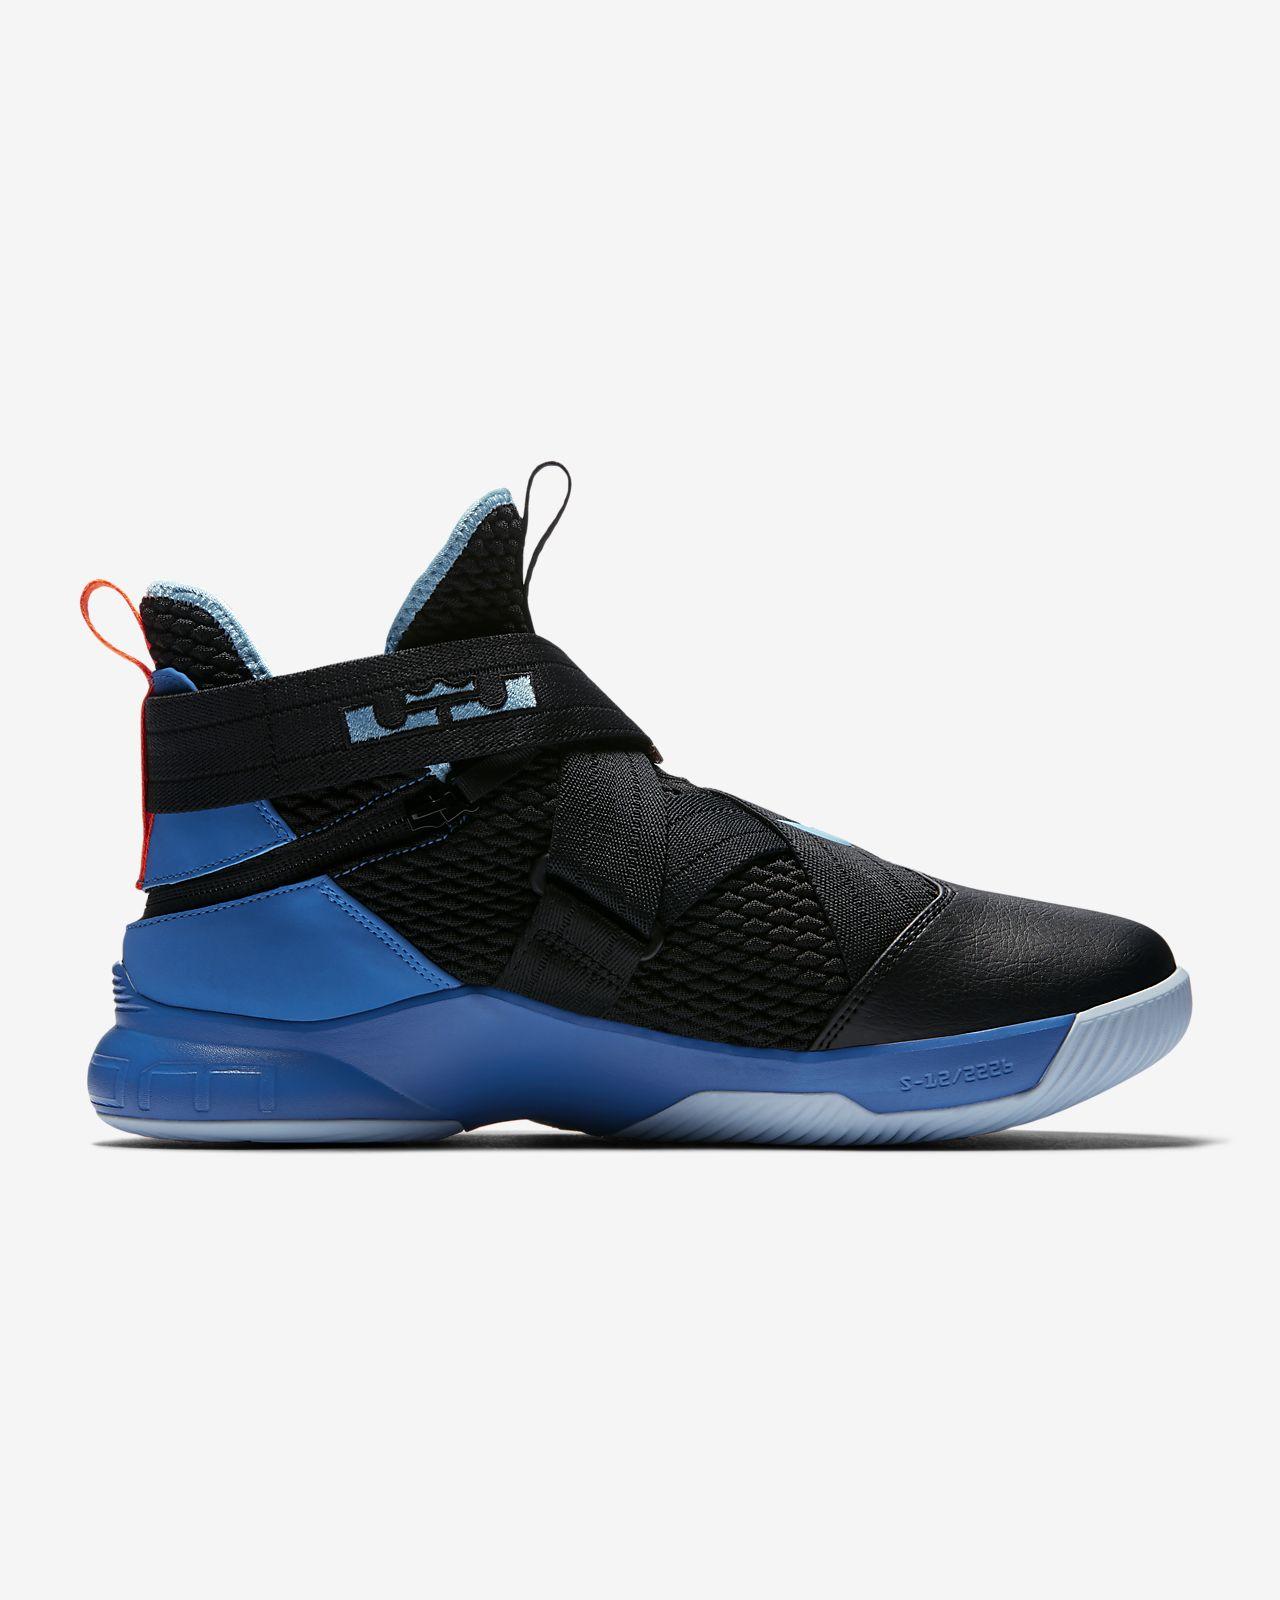 98ca07d4faf LeBron Soldier 12 FlyEase Men s Basketball Shoe. Nike.com